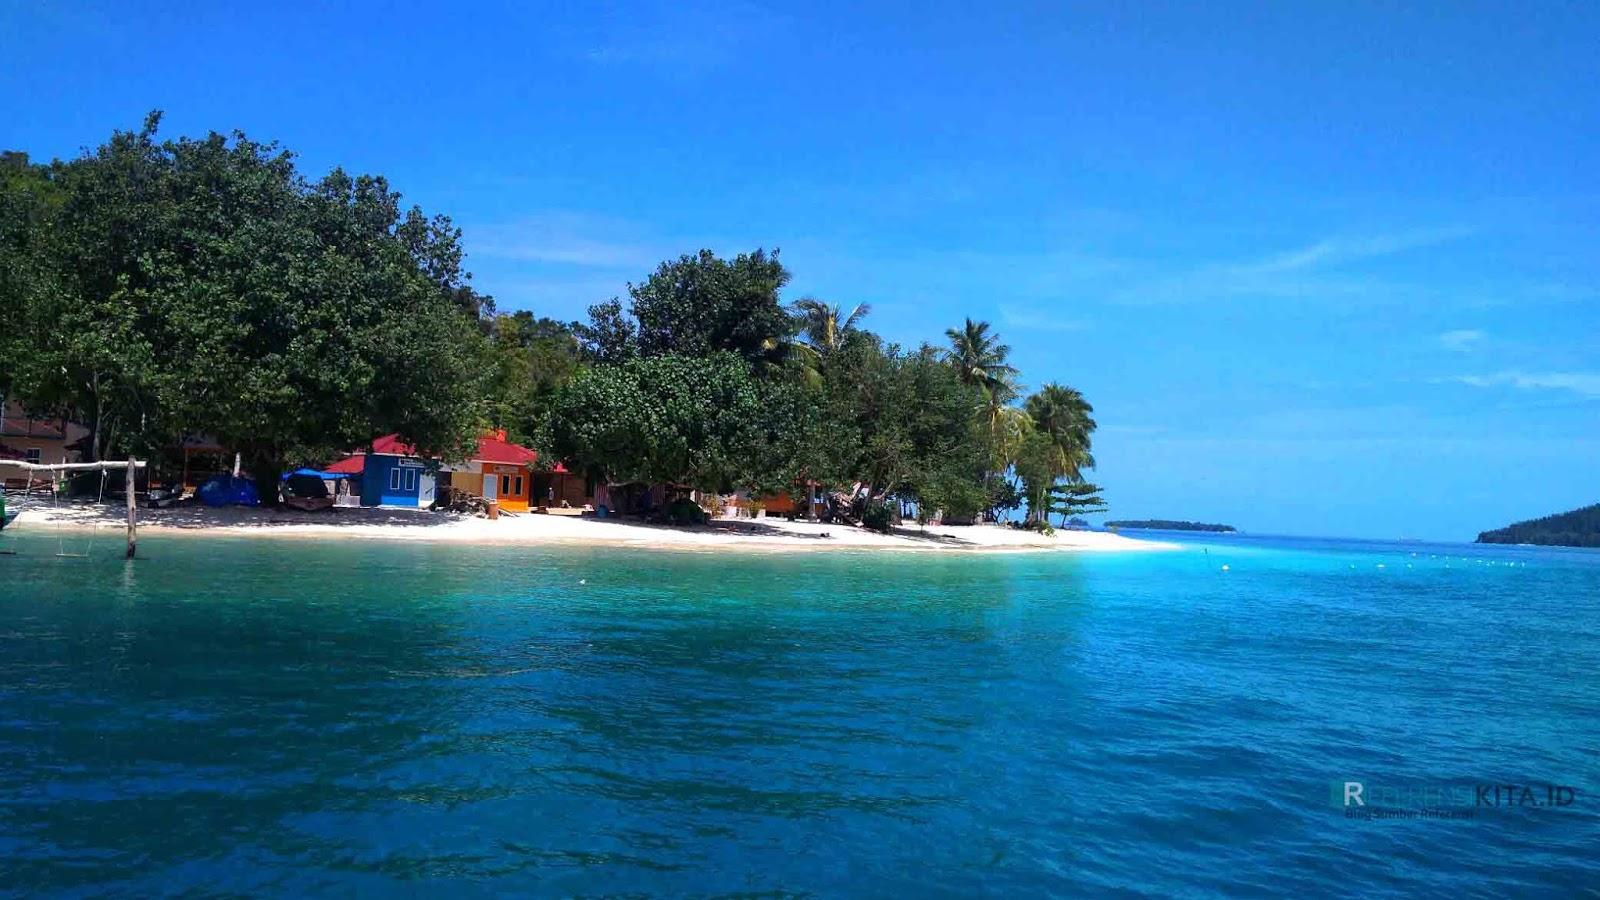 Wisata Pulau Pagang terletak di bagian wisata mandeh pesisir selatan